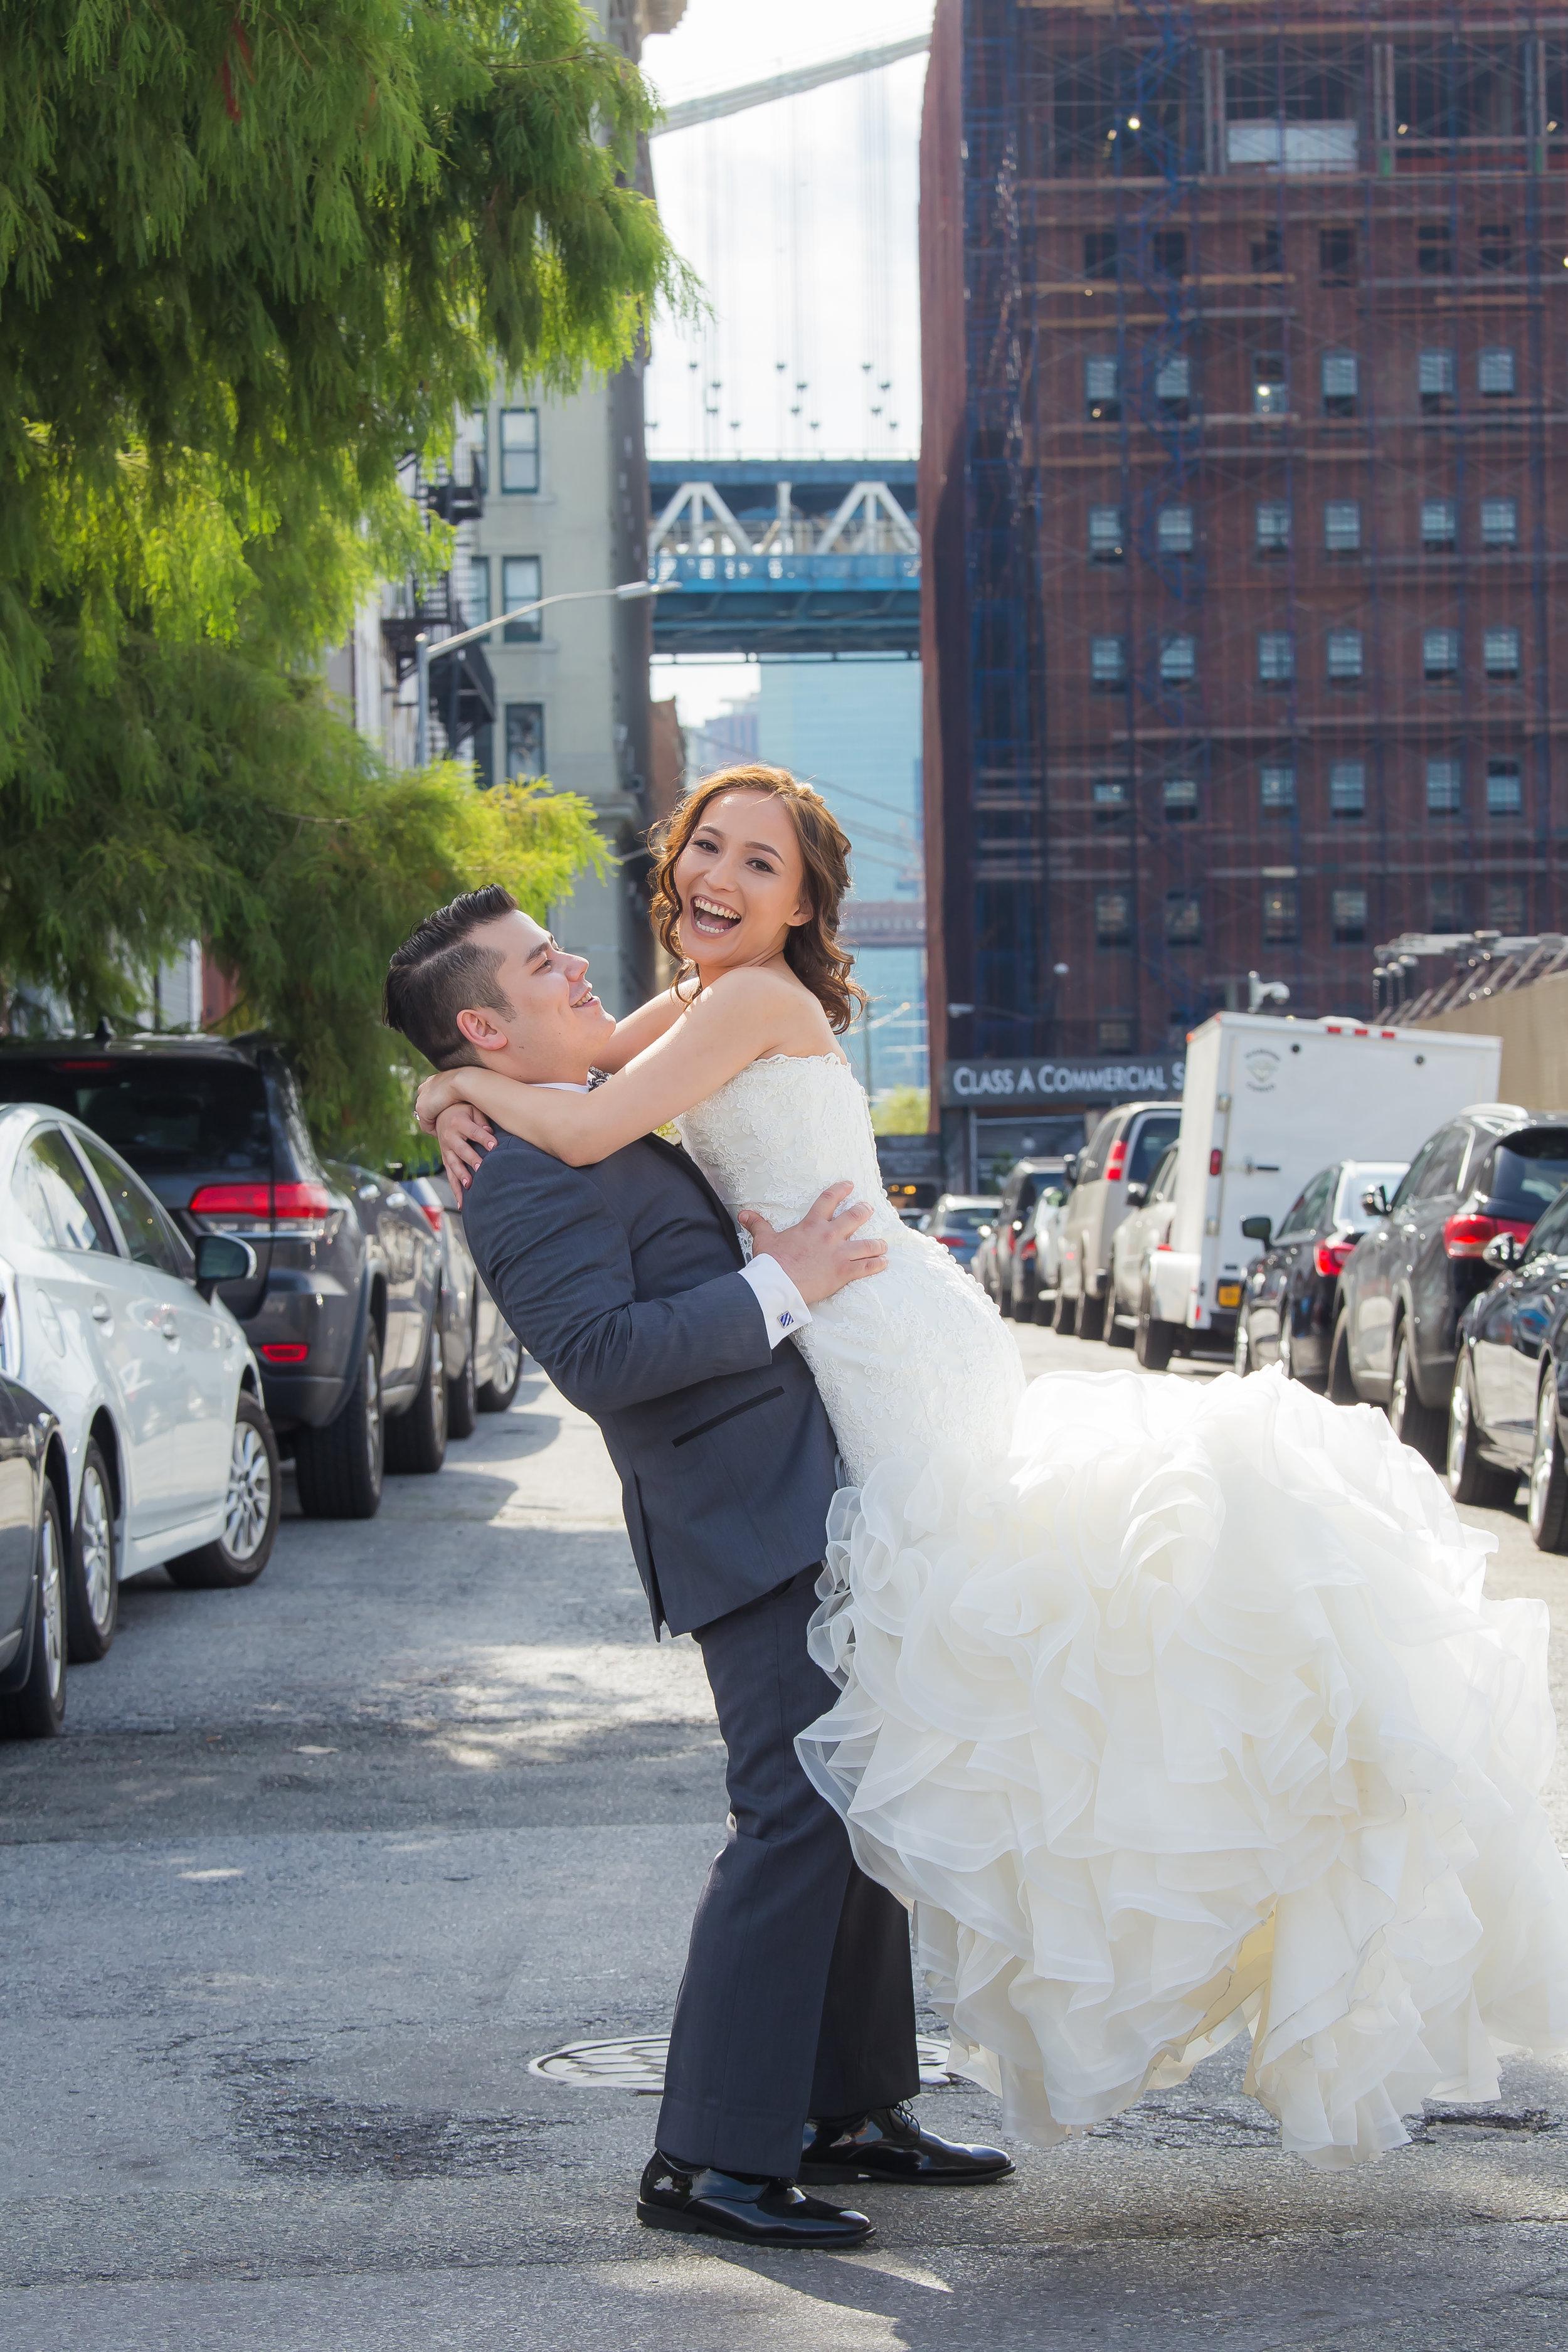 26-bridge-nyc-wedding-photography-0232.jpg